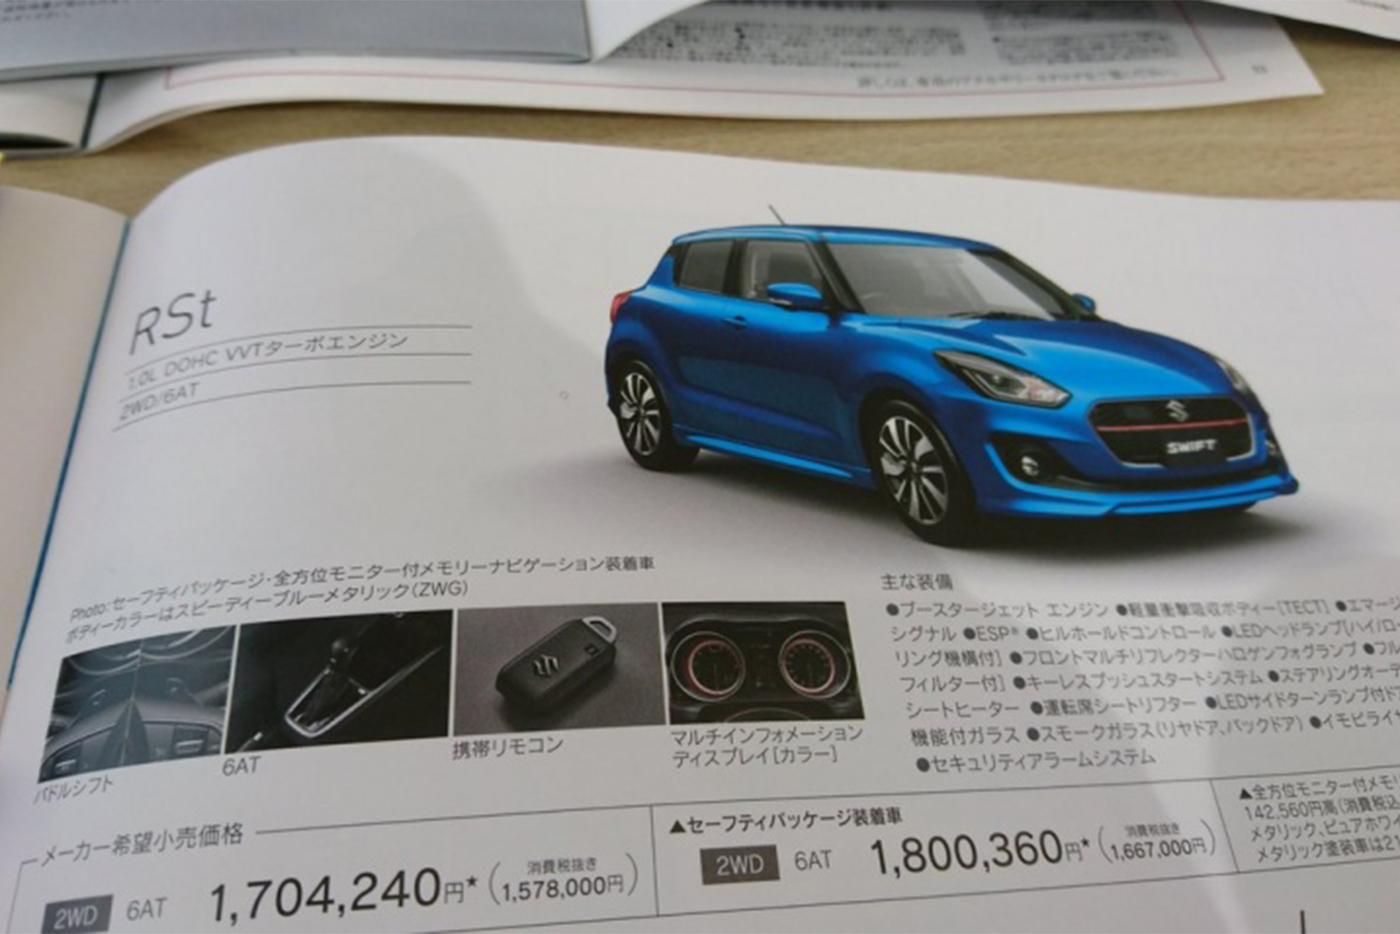 next-gen-suzuki-swift-leaked-brochure-4-850x478.jpg